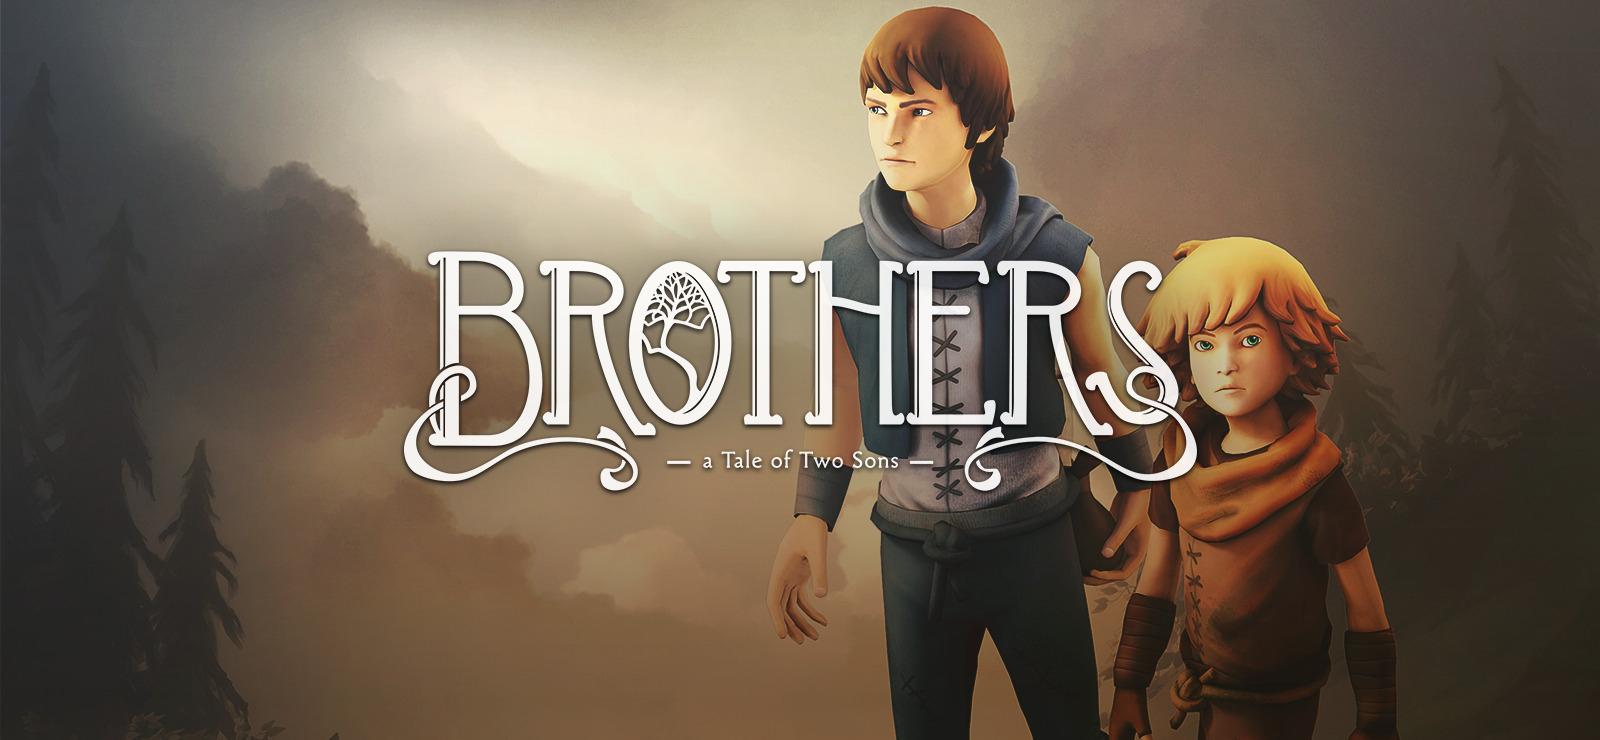 Sélection de jeux vidéo 505 Games en promotion - Ex : Brothers: A Tale of Two Sons sur PC (Dématérialisé - DRM-Free)